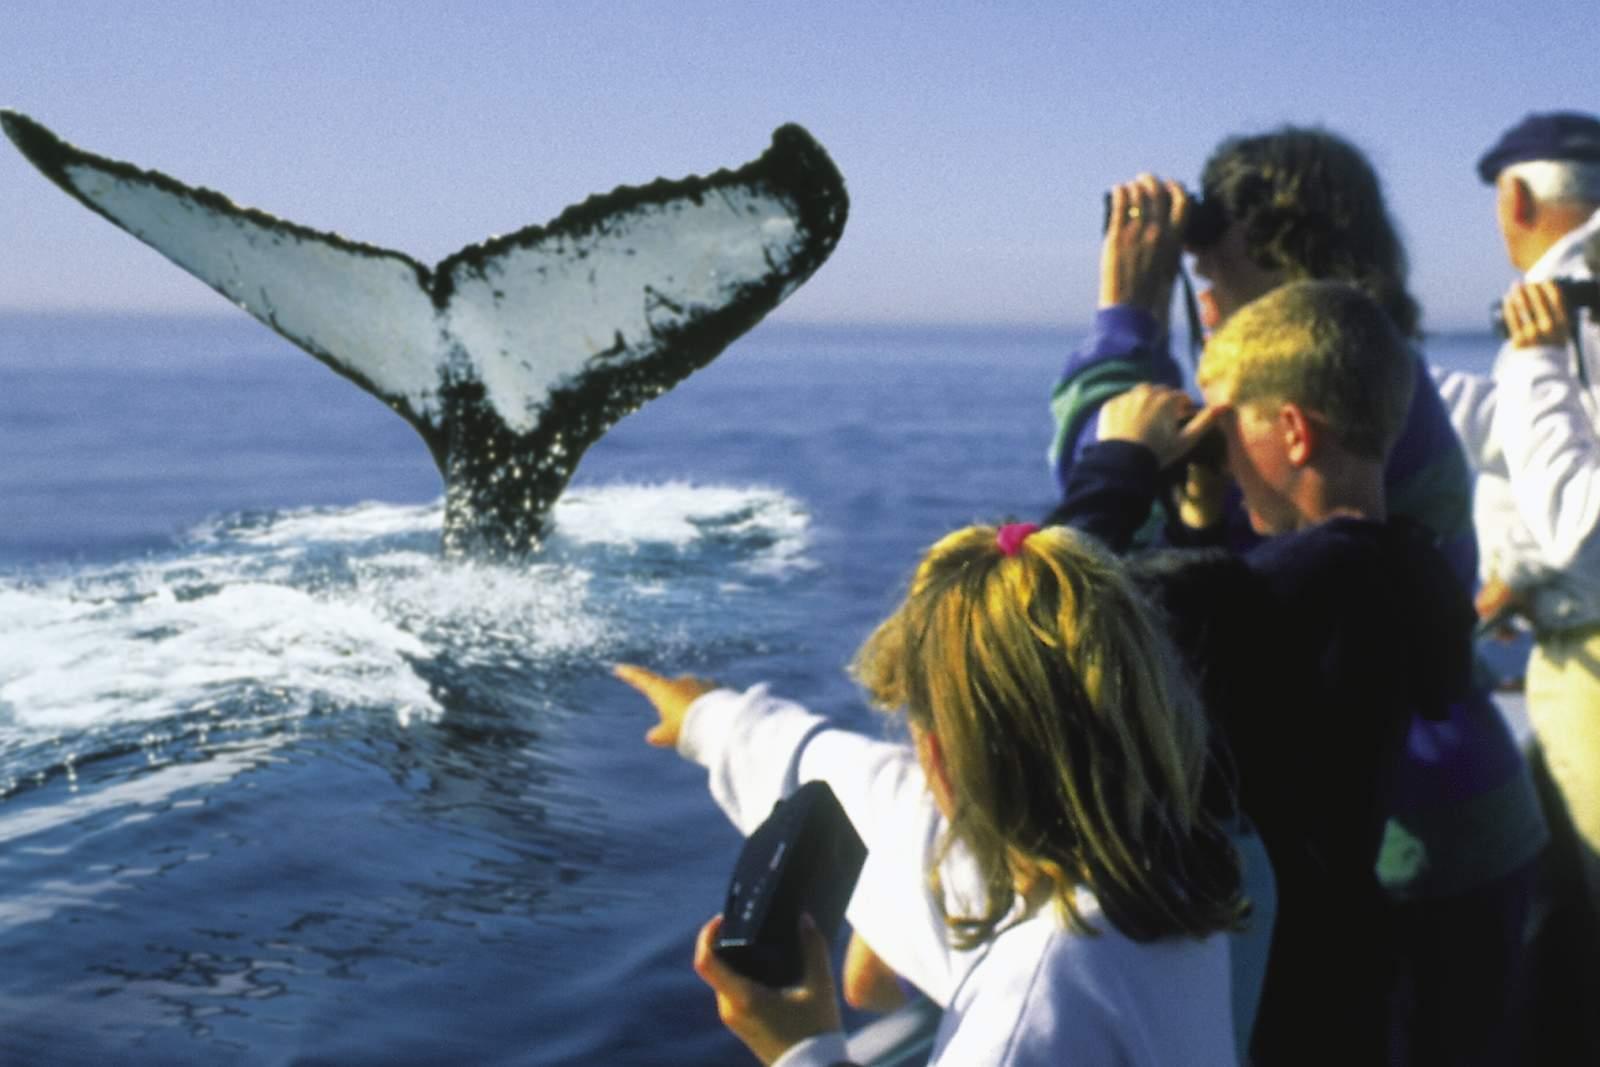 The splash of a tail delights amateur photographers on a whale watching jaunt in the Bay of Fundy. Tourists watching whales. <br>Des photographes amateurs se dZlectent du bond d'une baleine dans la baie de Fundy. Des touristes observent des baleines, Nouveau-Brunswick